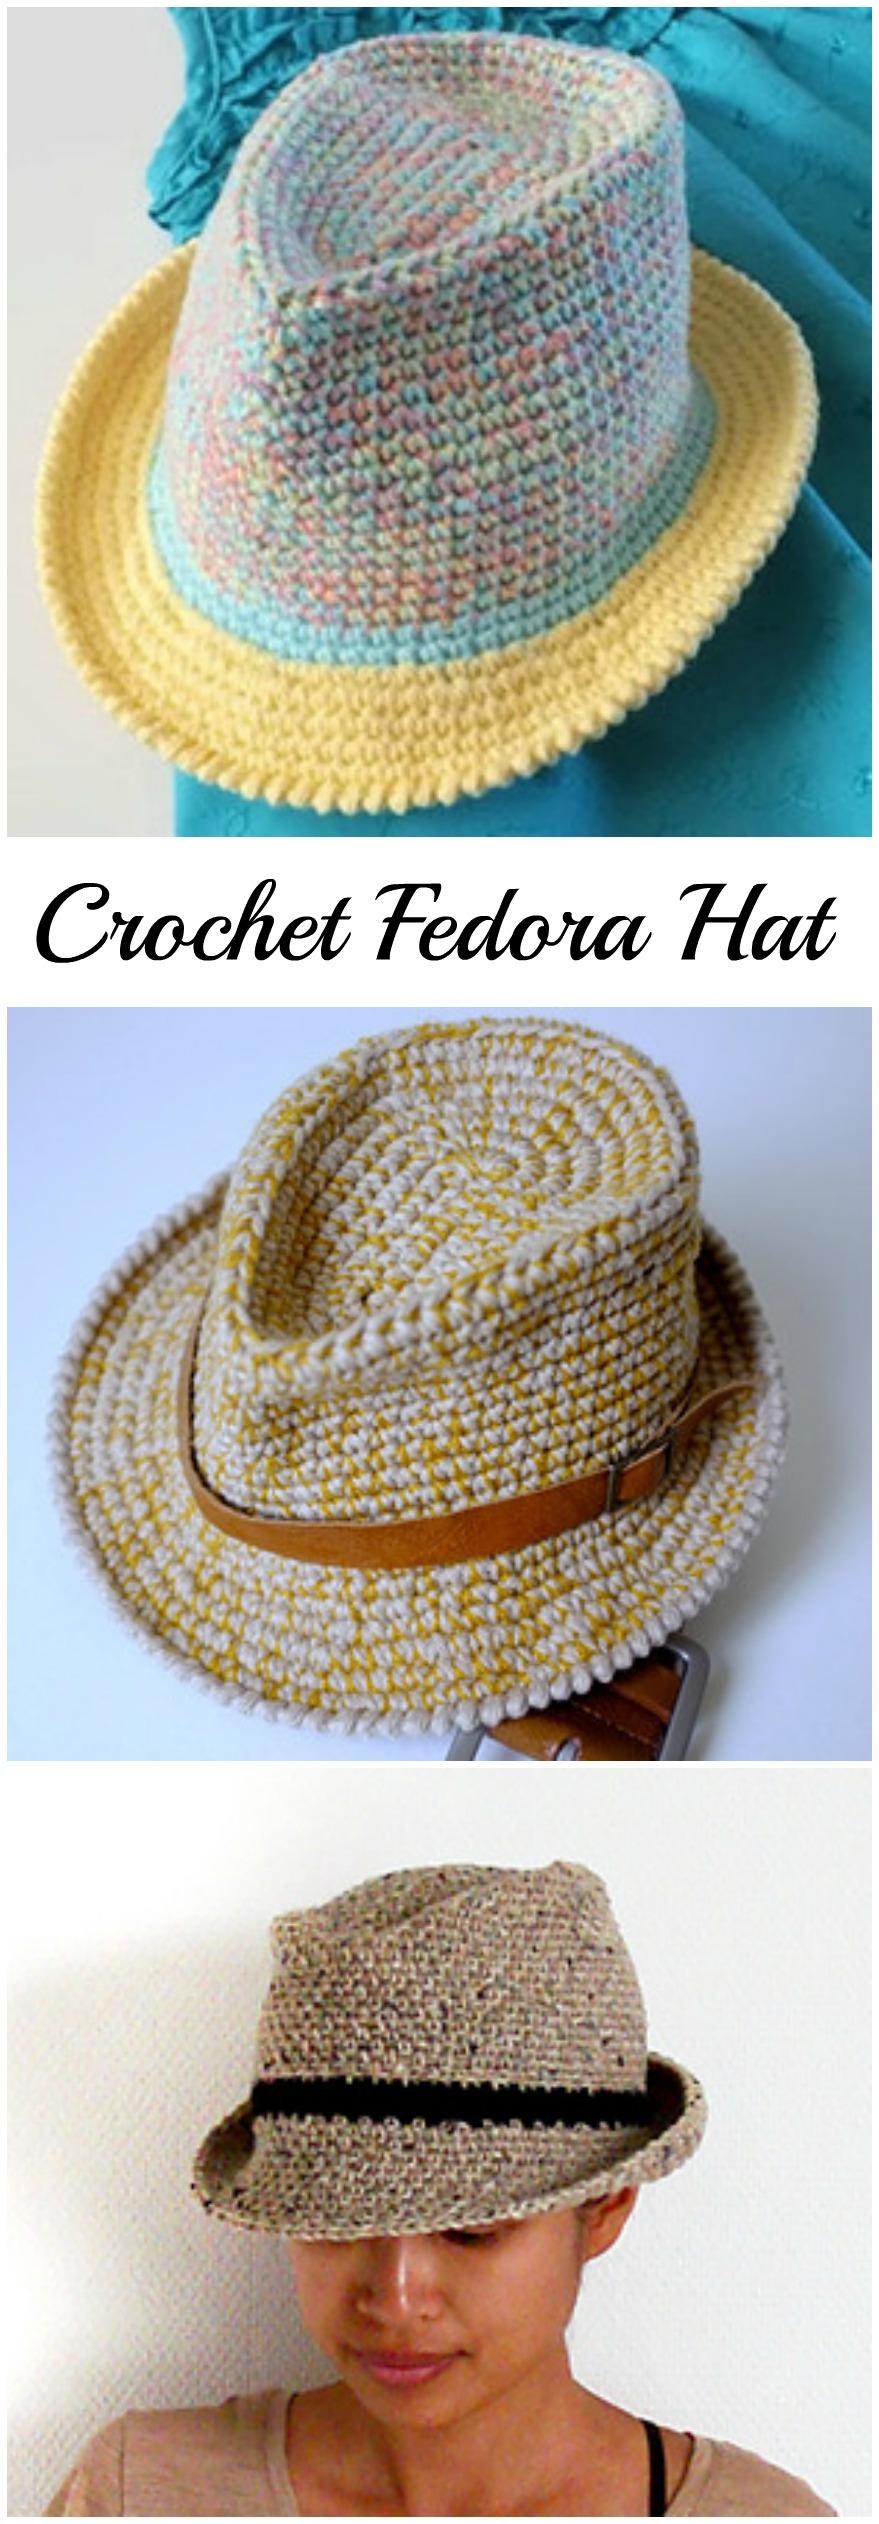 Crochet Fedora Hat (Video+Pattern) - Pretty Ideas